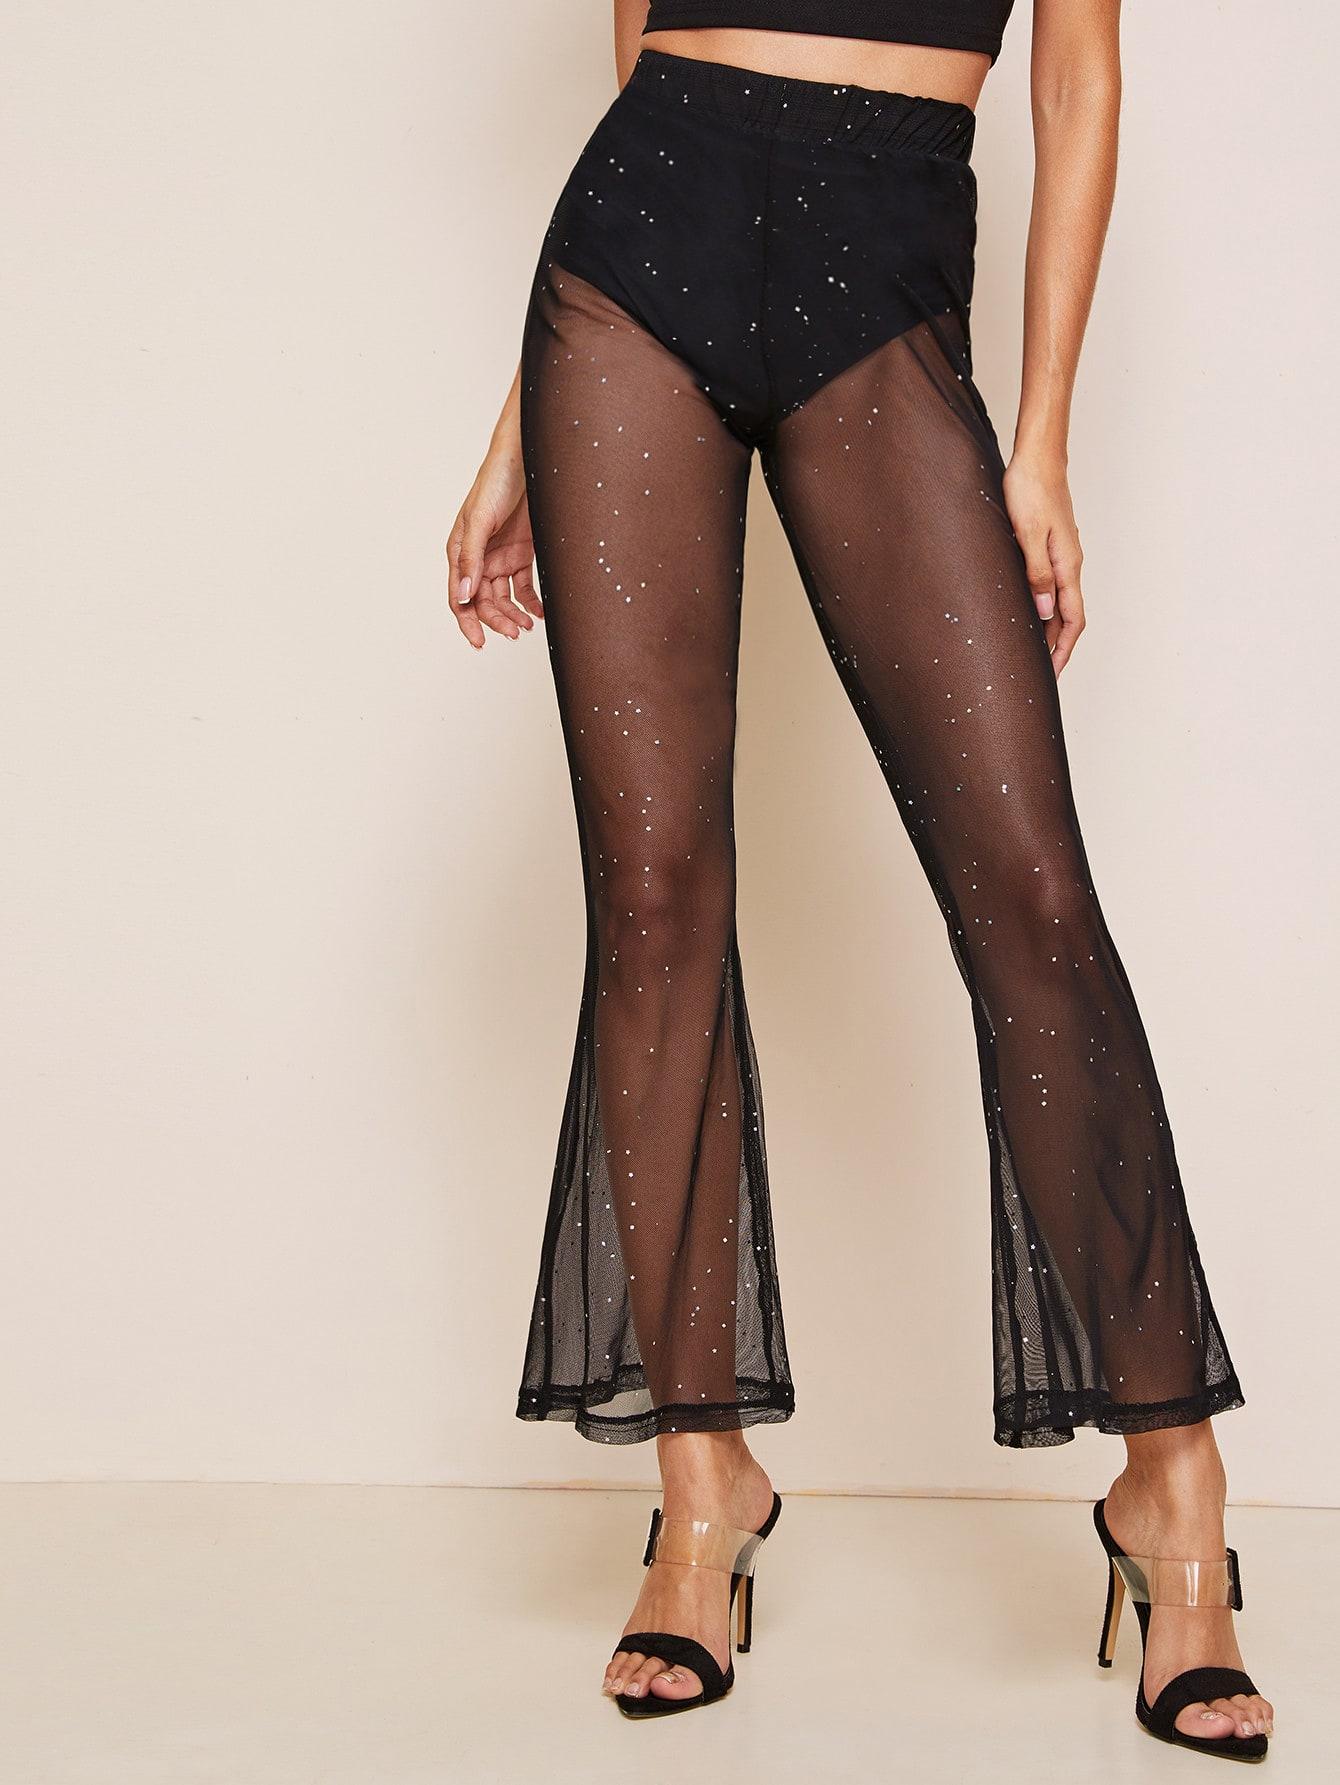 Фото - Прозрачные расклешенные брюки с блестками от SheIn черного цвета